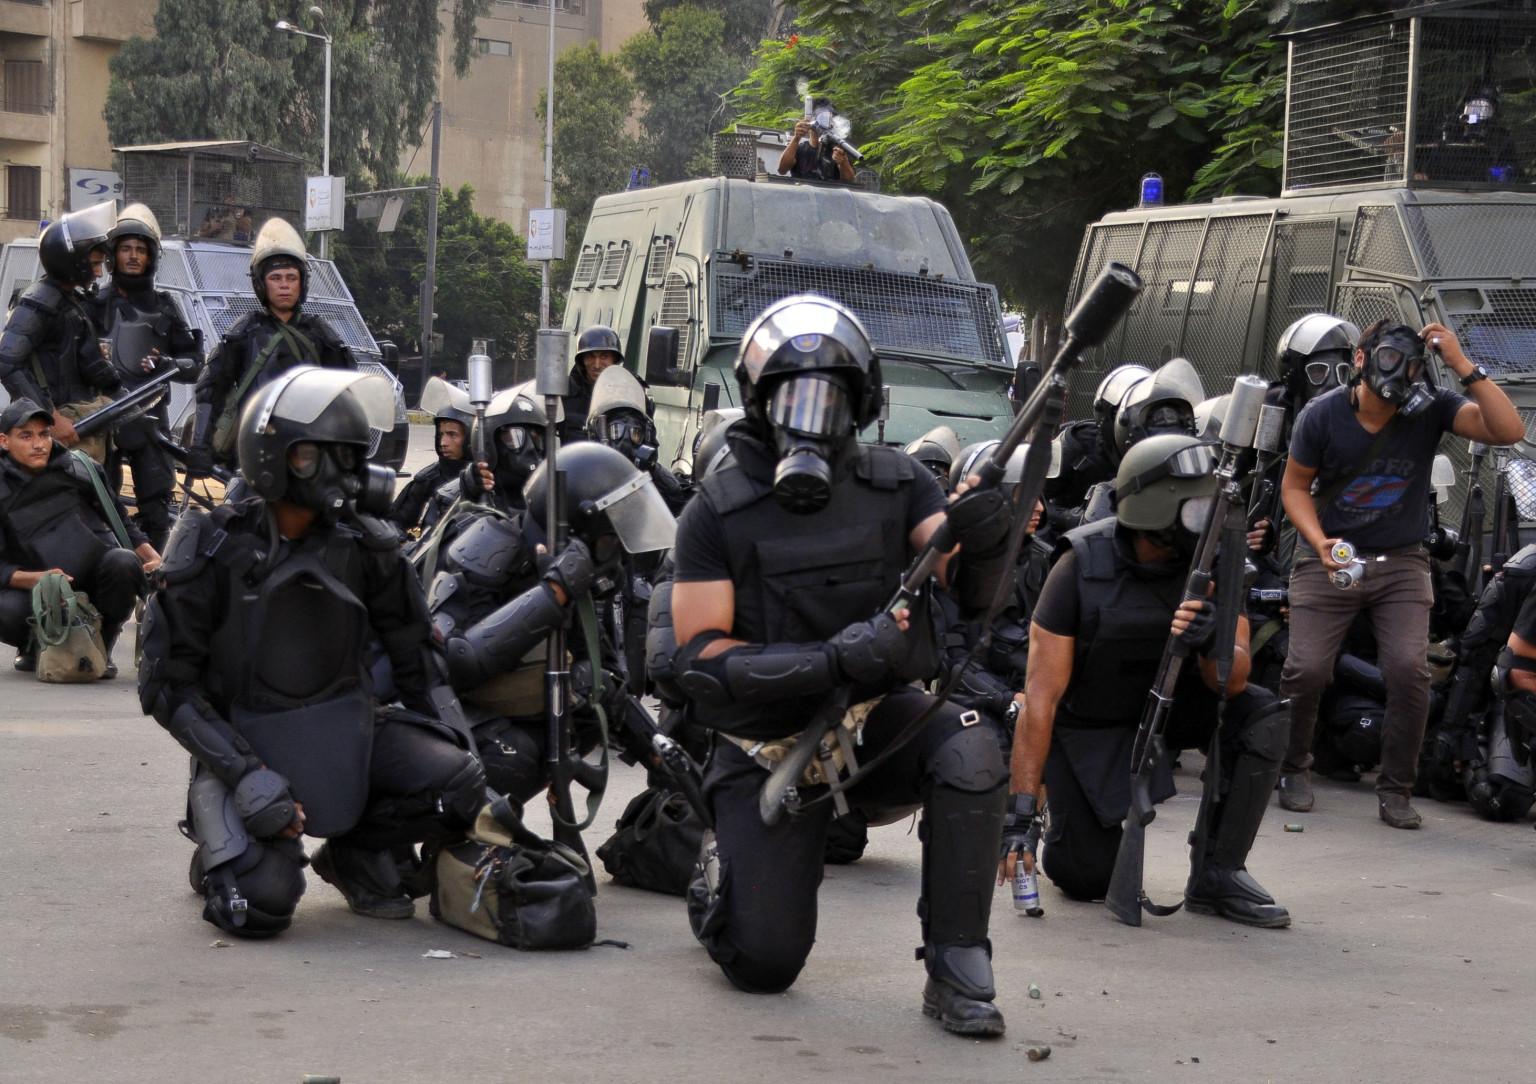 لوباريزيان: الشرطة المصرية تفلت من العقاب